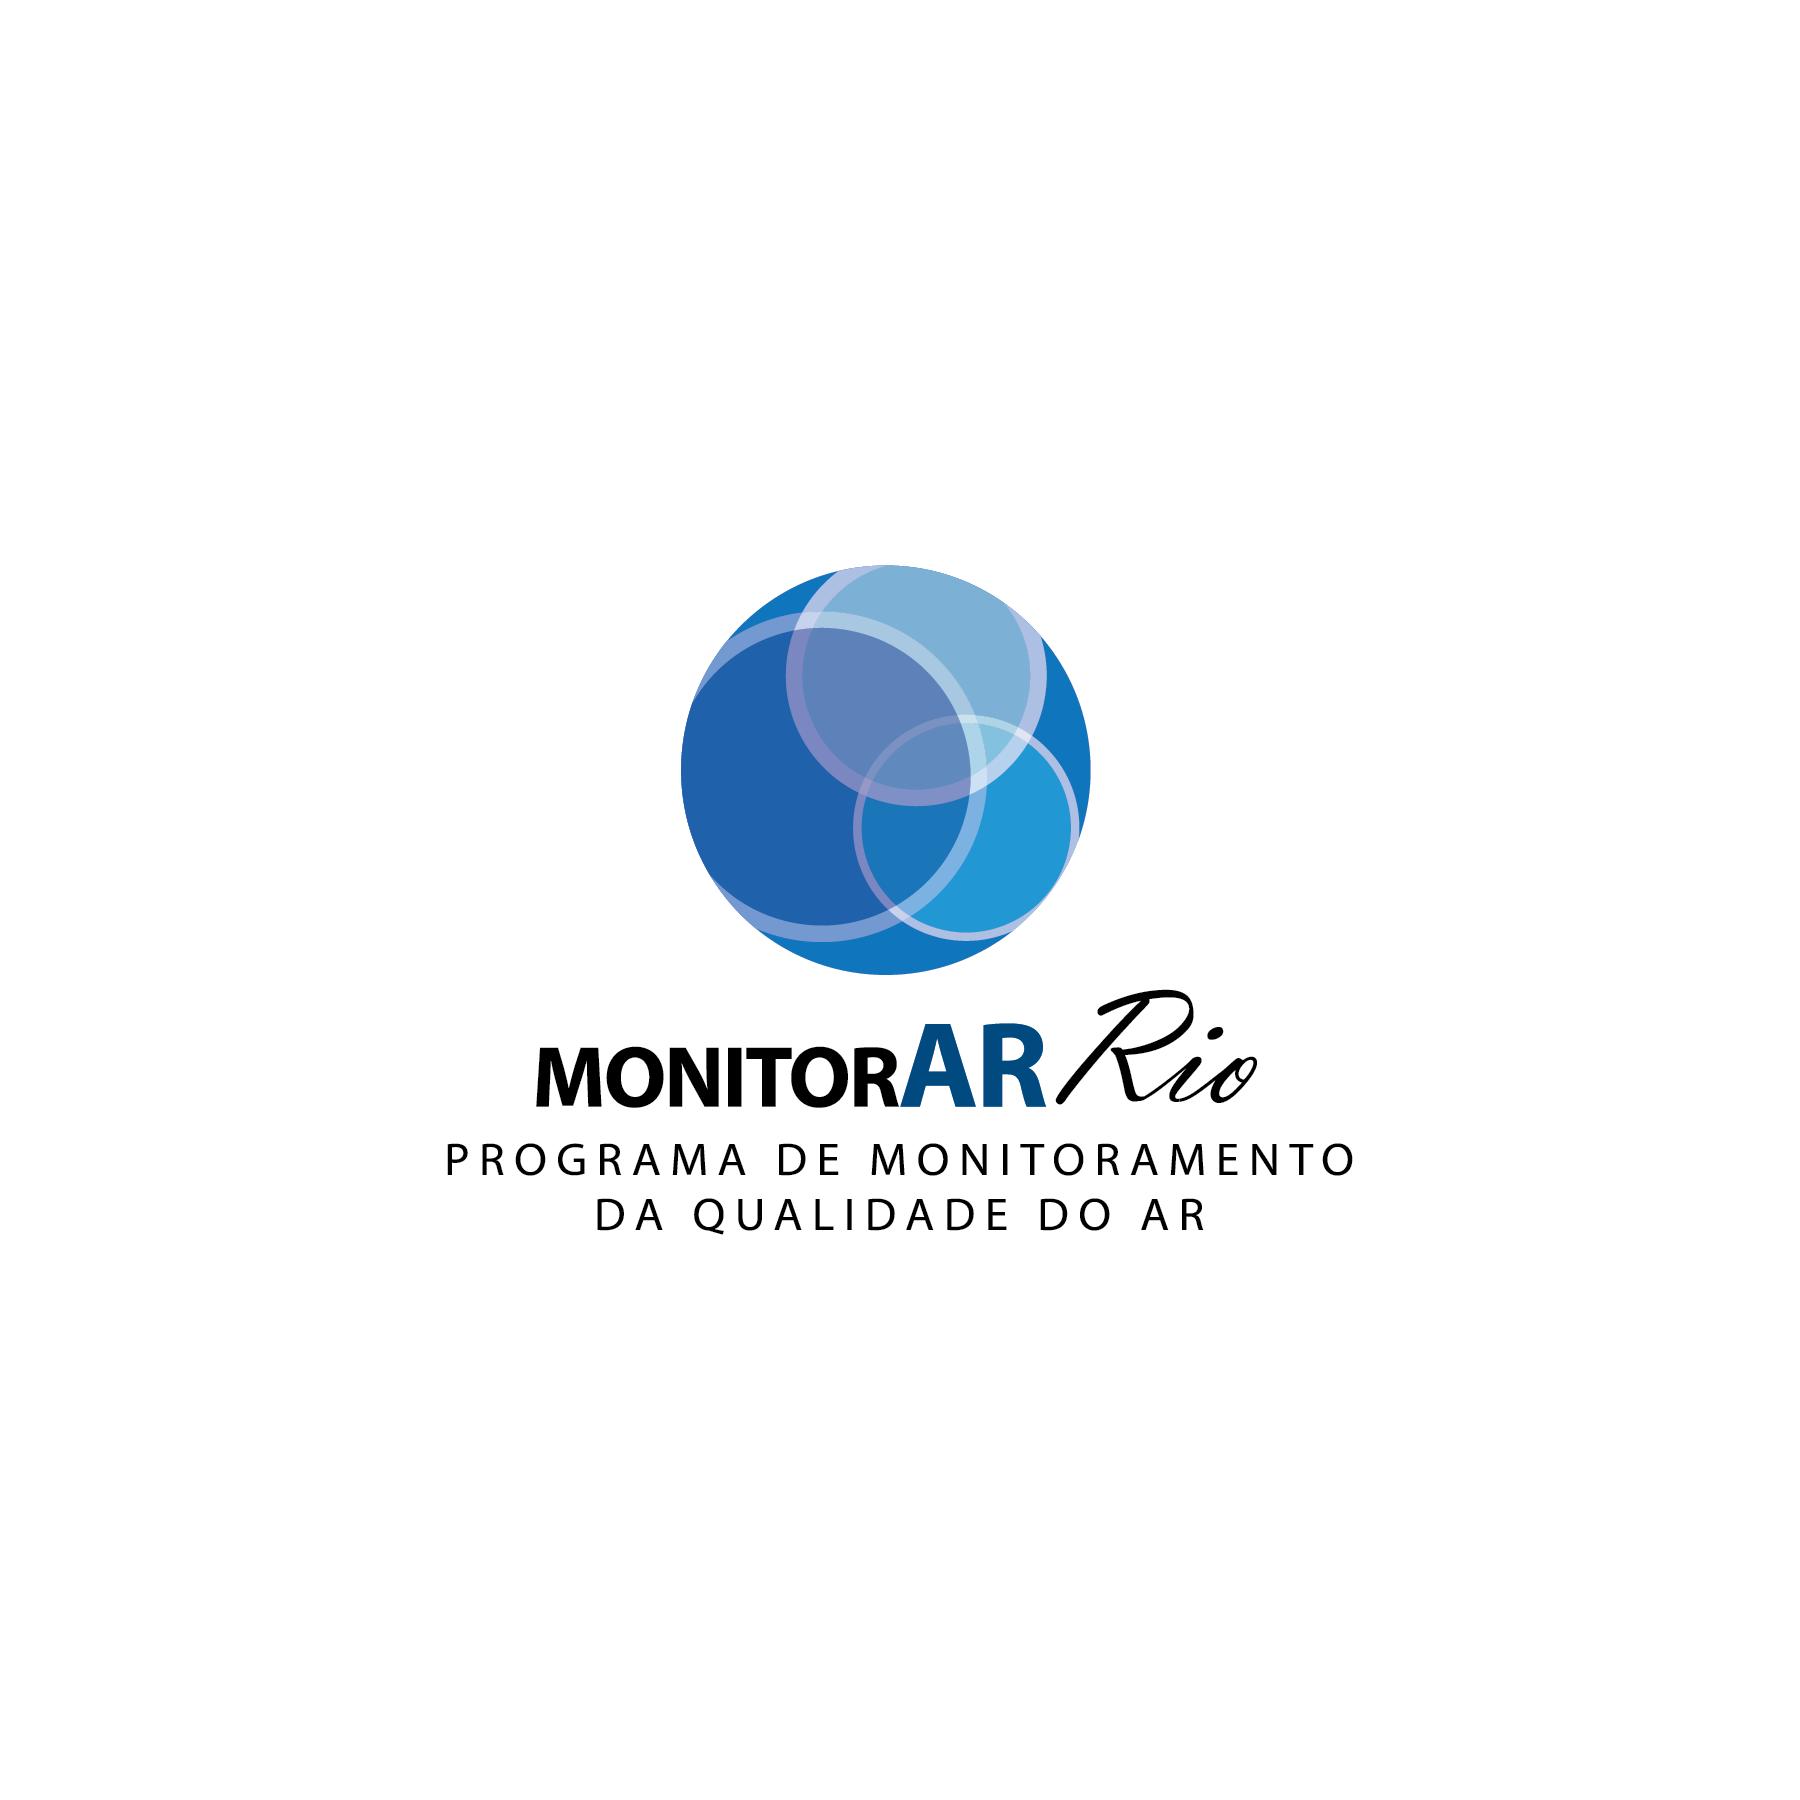 MONITORAR RIO